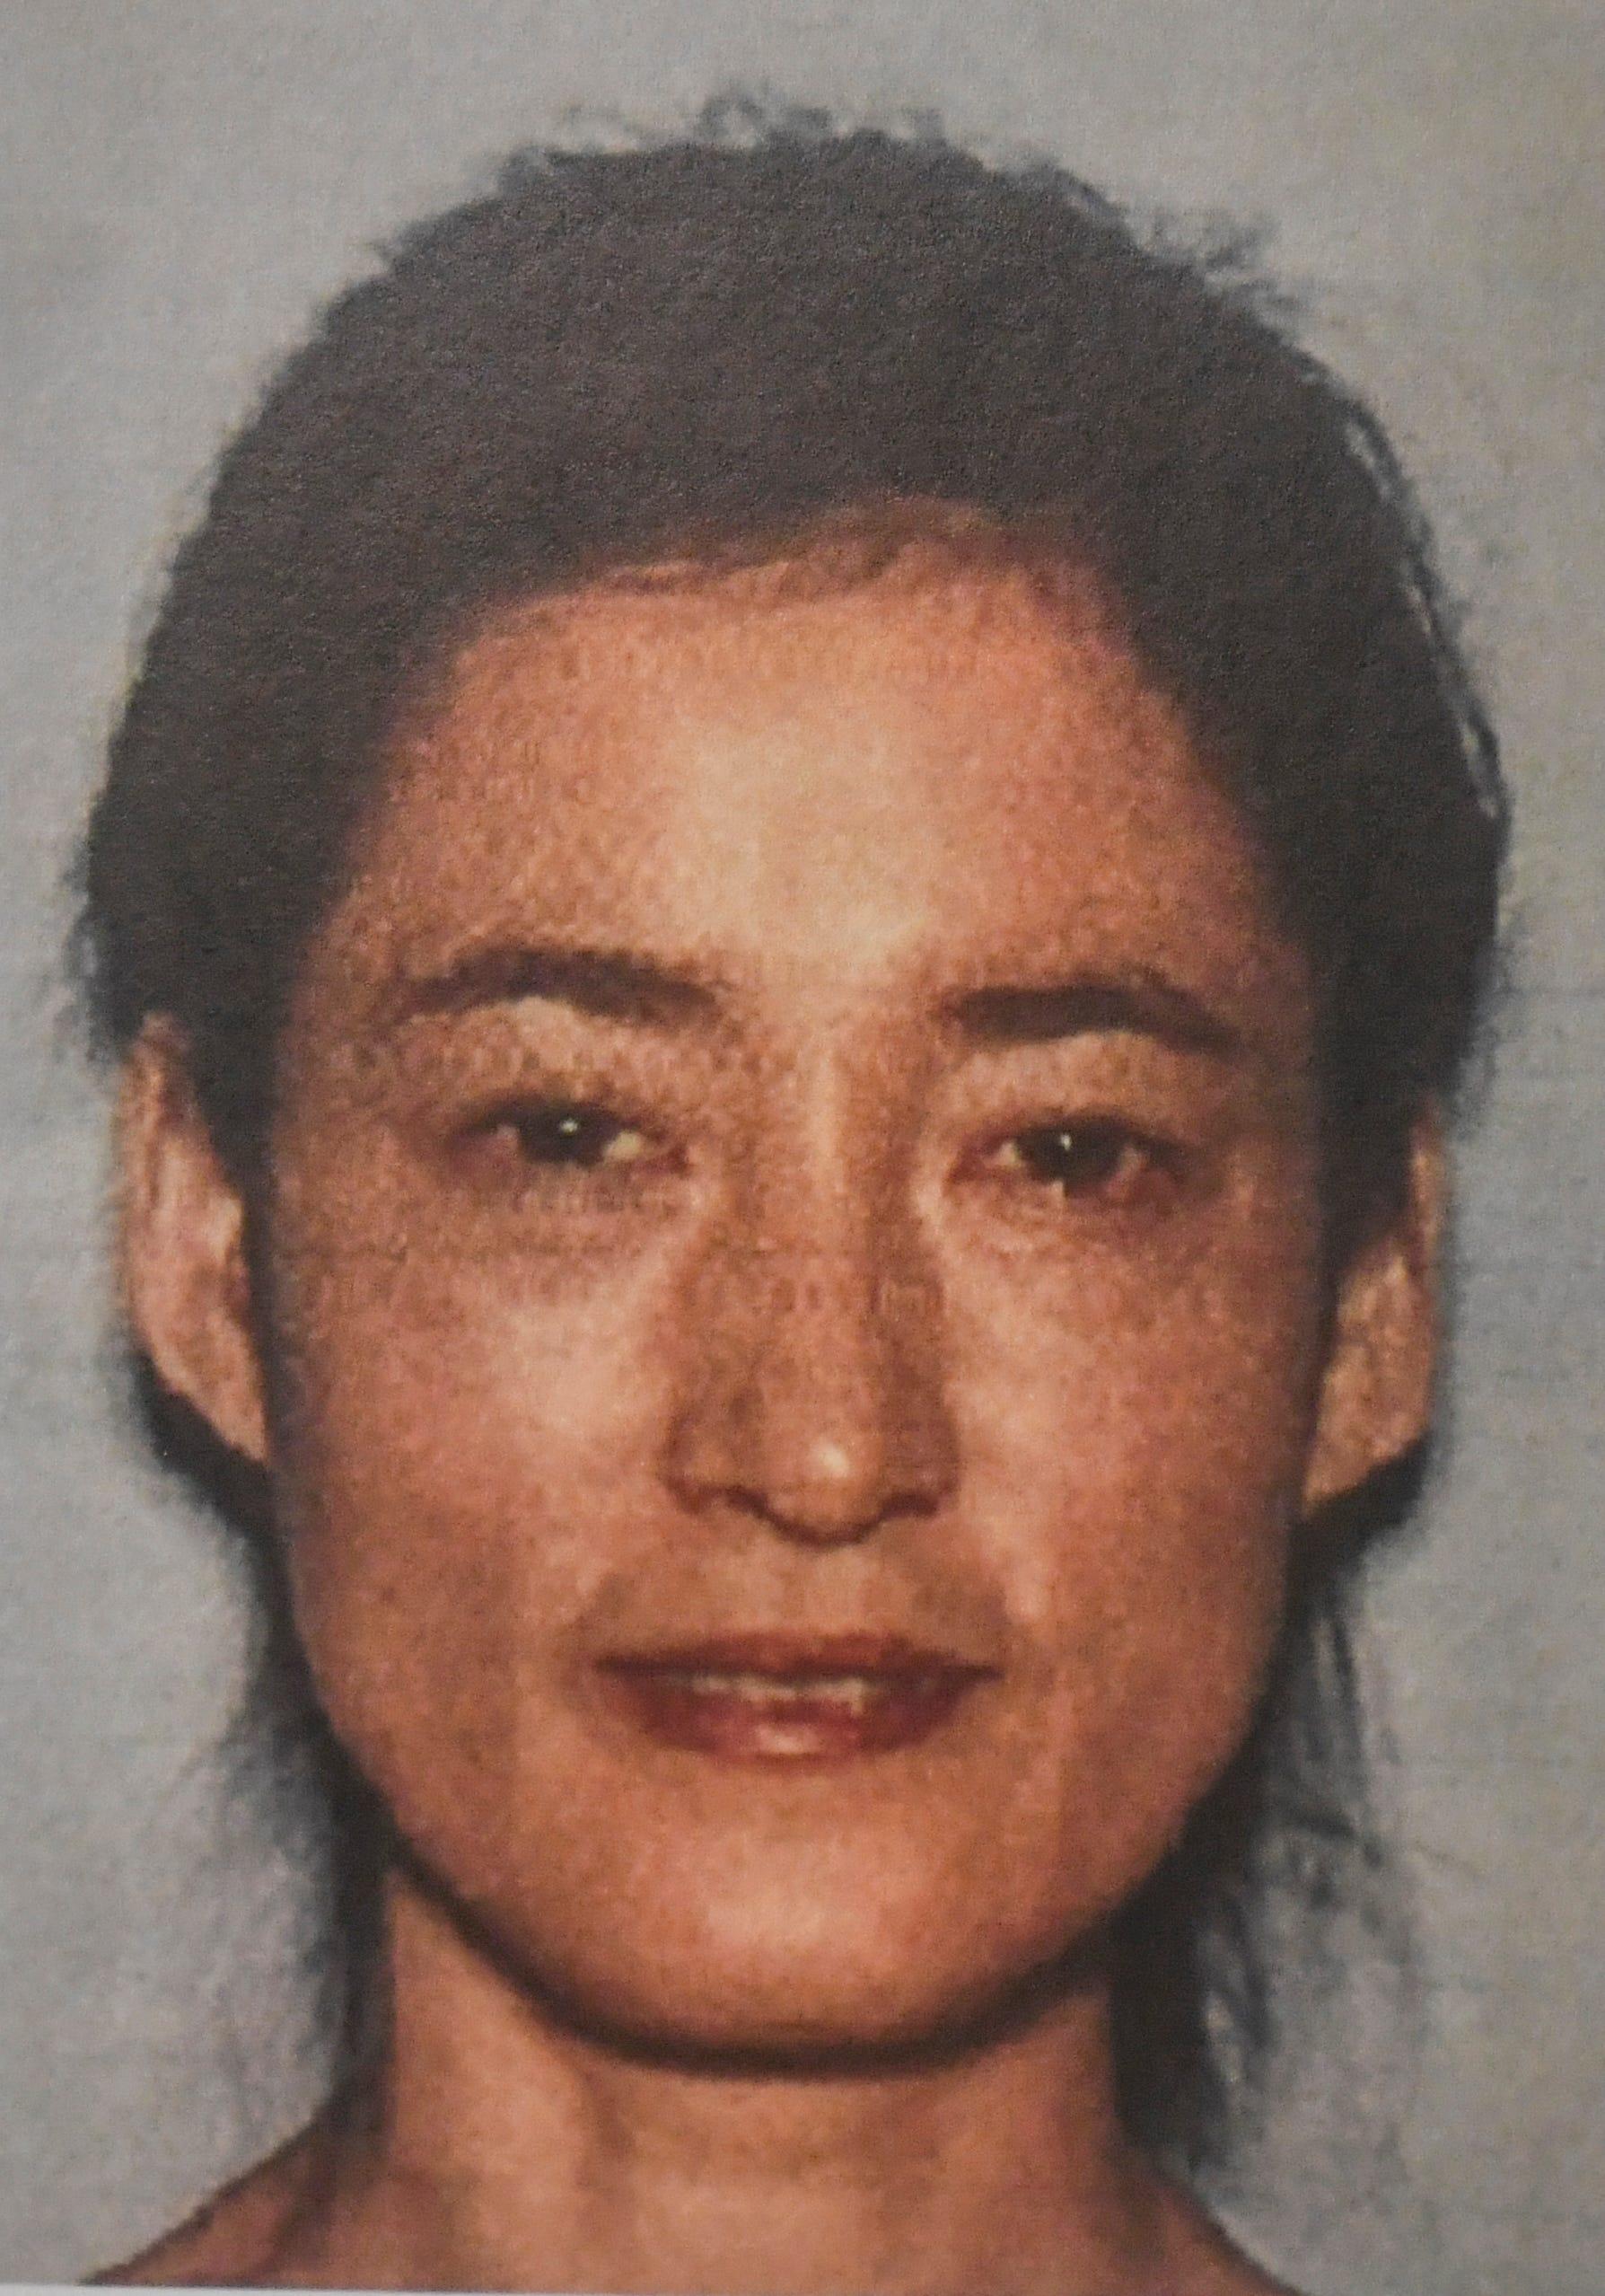 Human trafficking ring bust in Florida: 5 spas, 100 men, 1